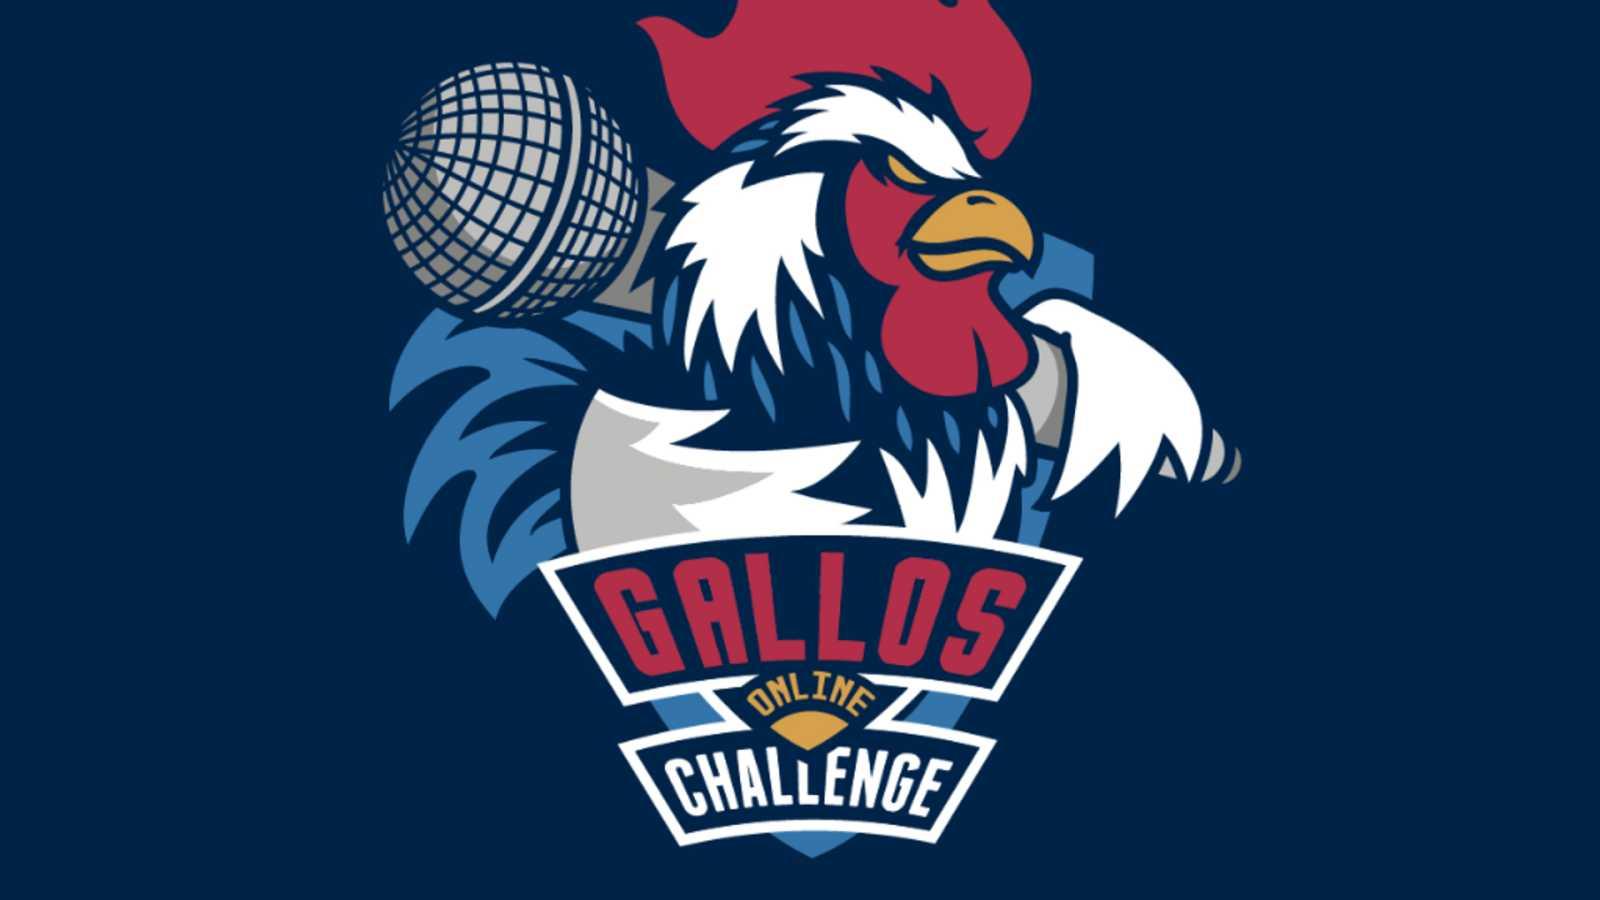 El festival de Riverland acogerá a los finalistas de Gallos Online Challenge